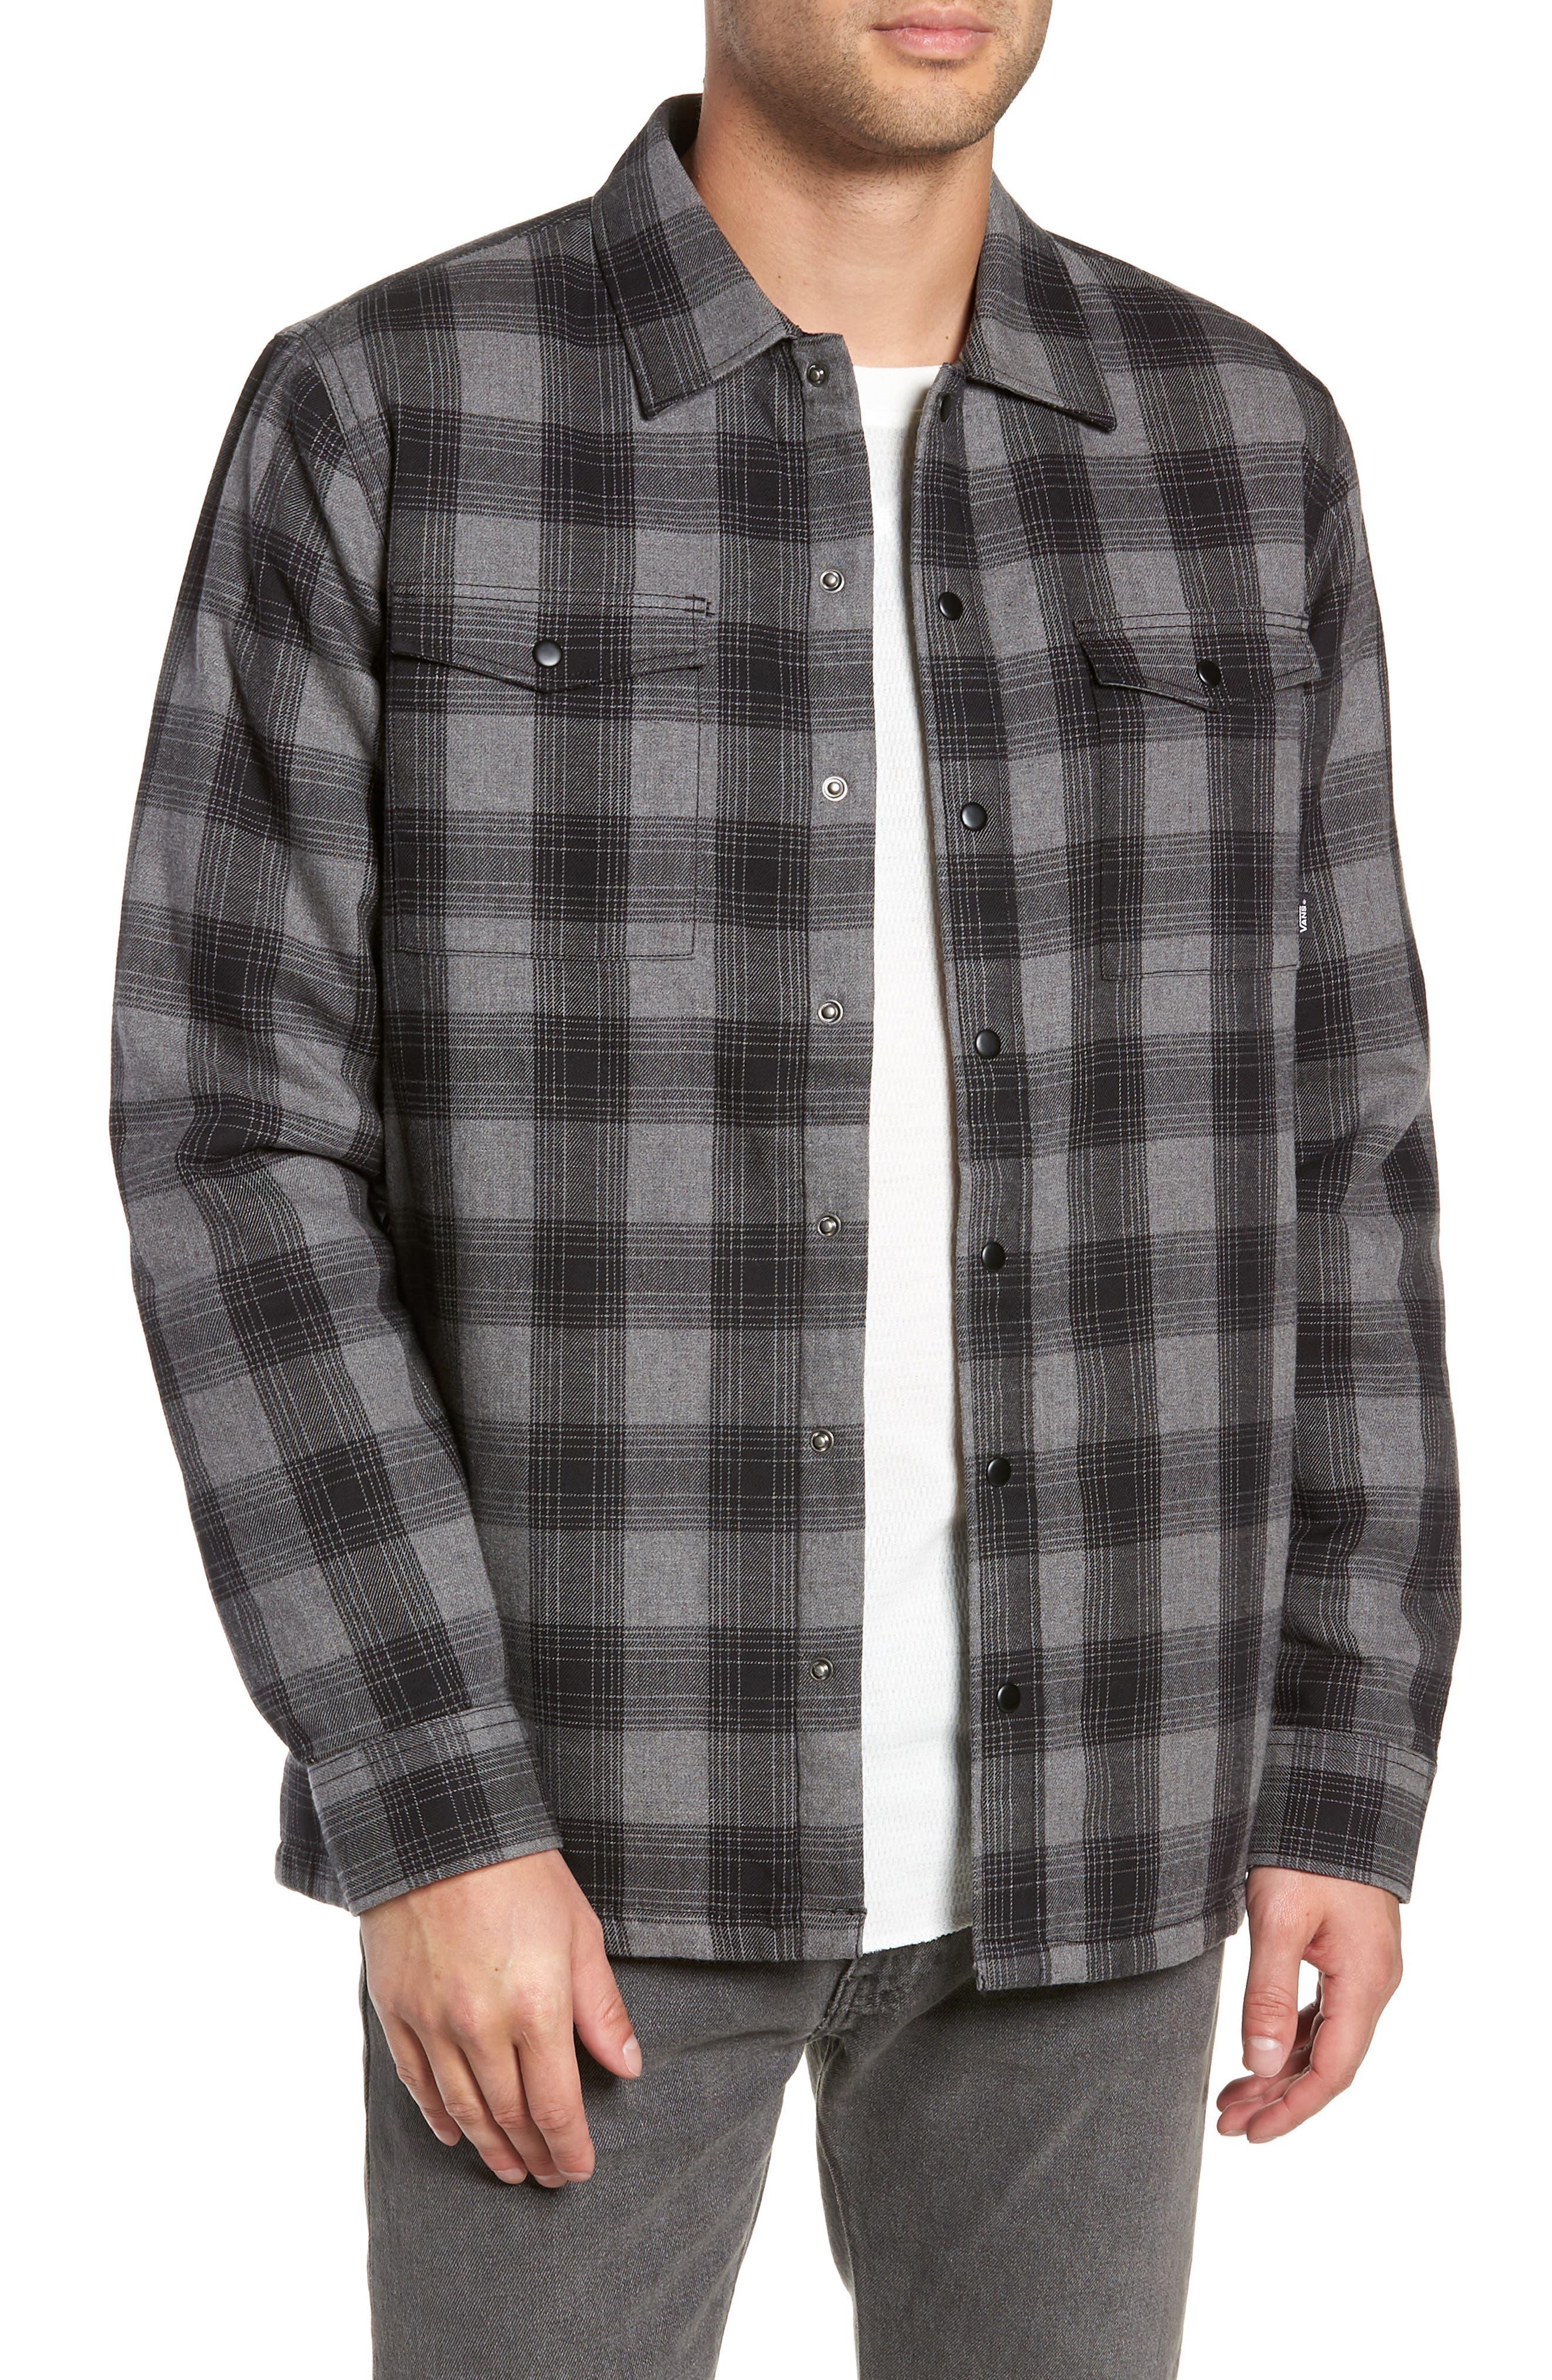 VANS Parnell Plaid Shirt Jacket, Main, color, GRAVEL HEATHER